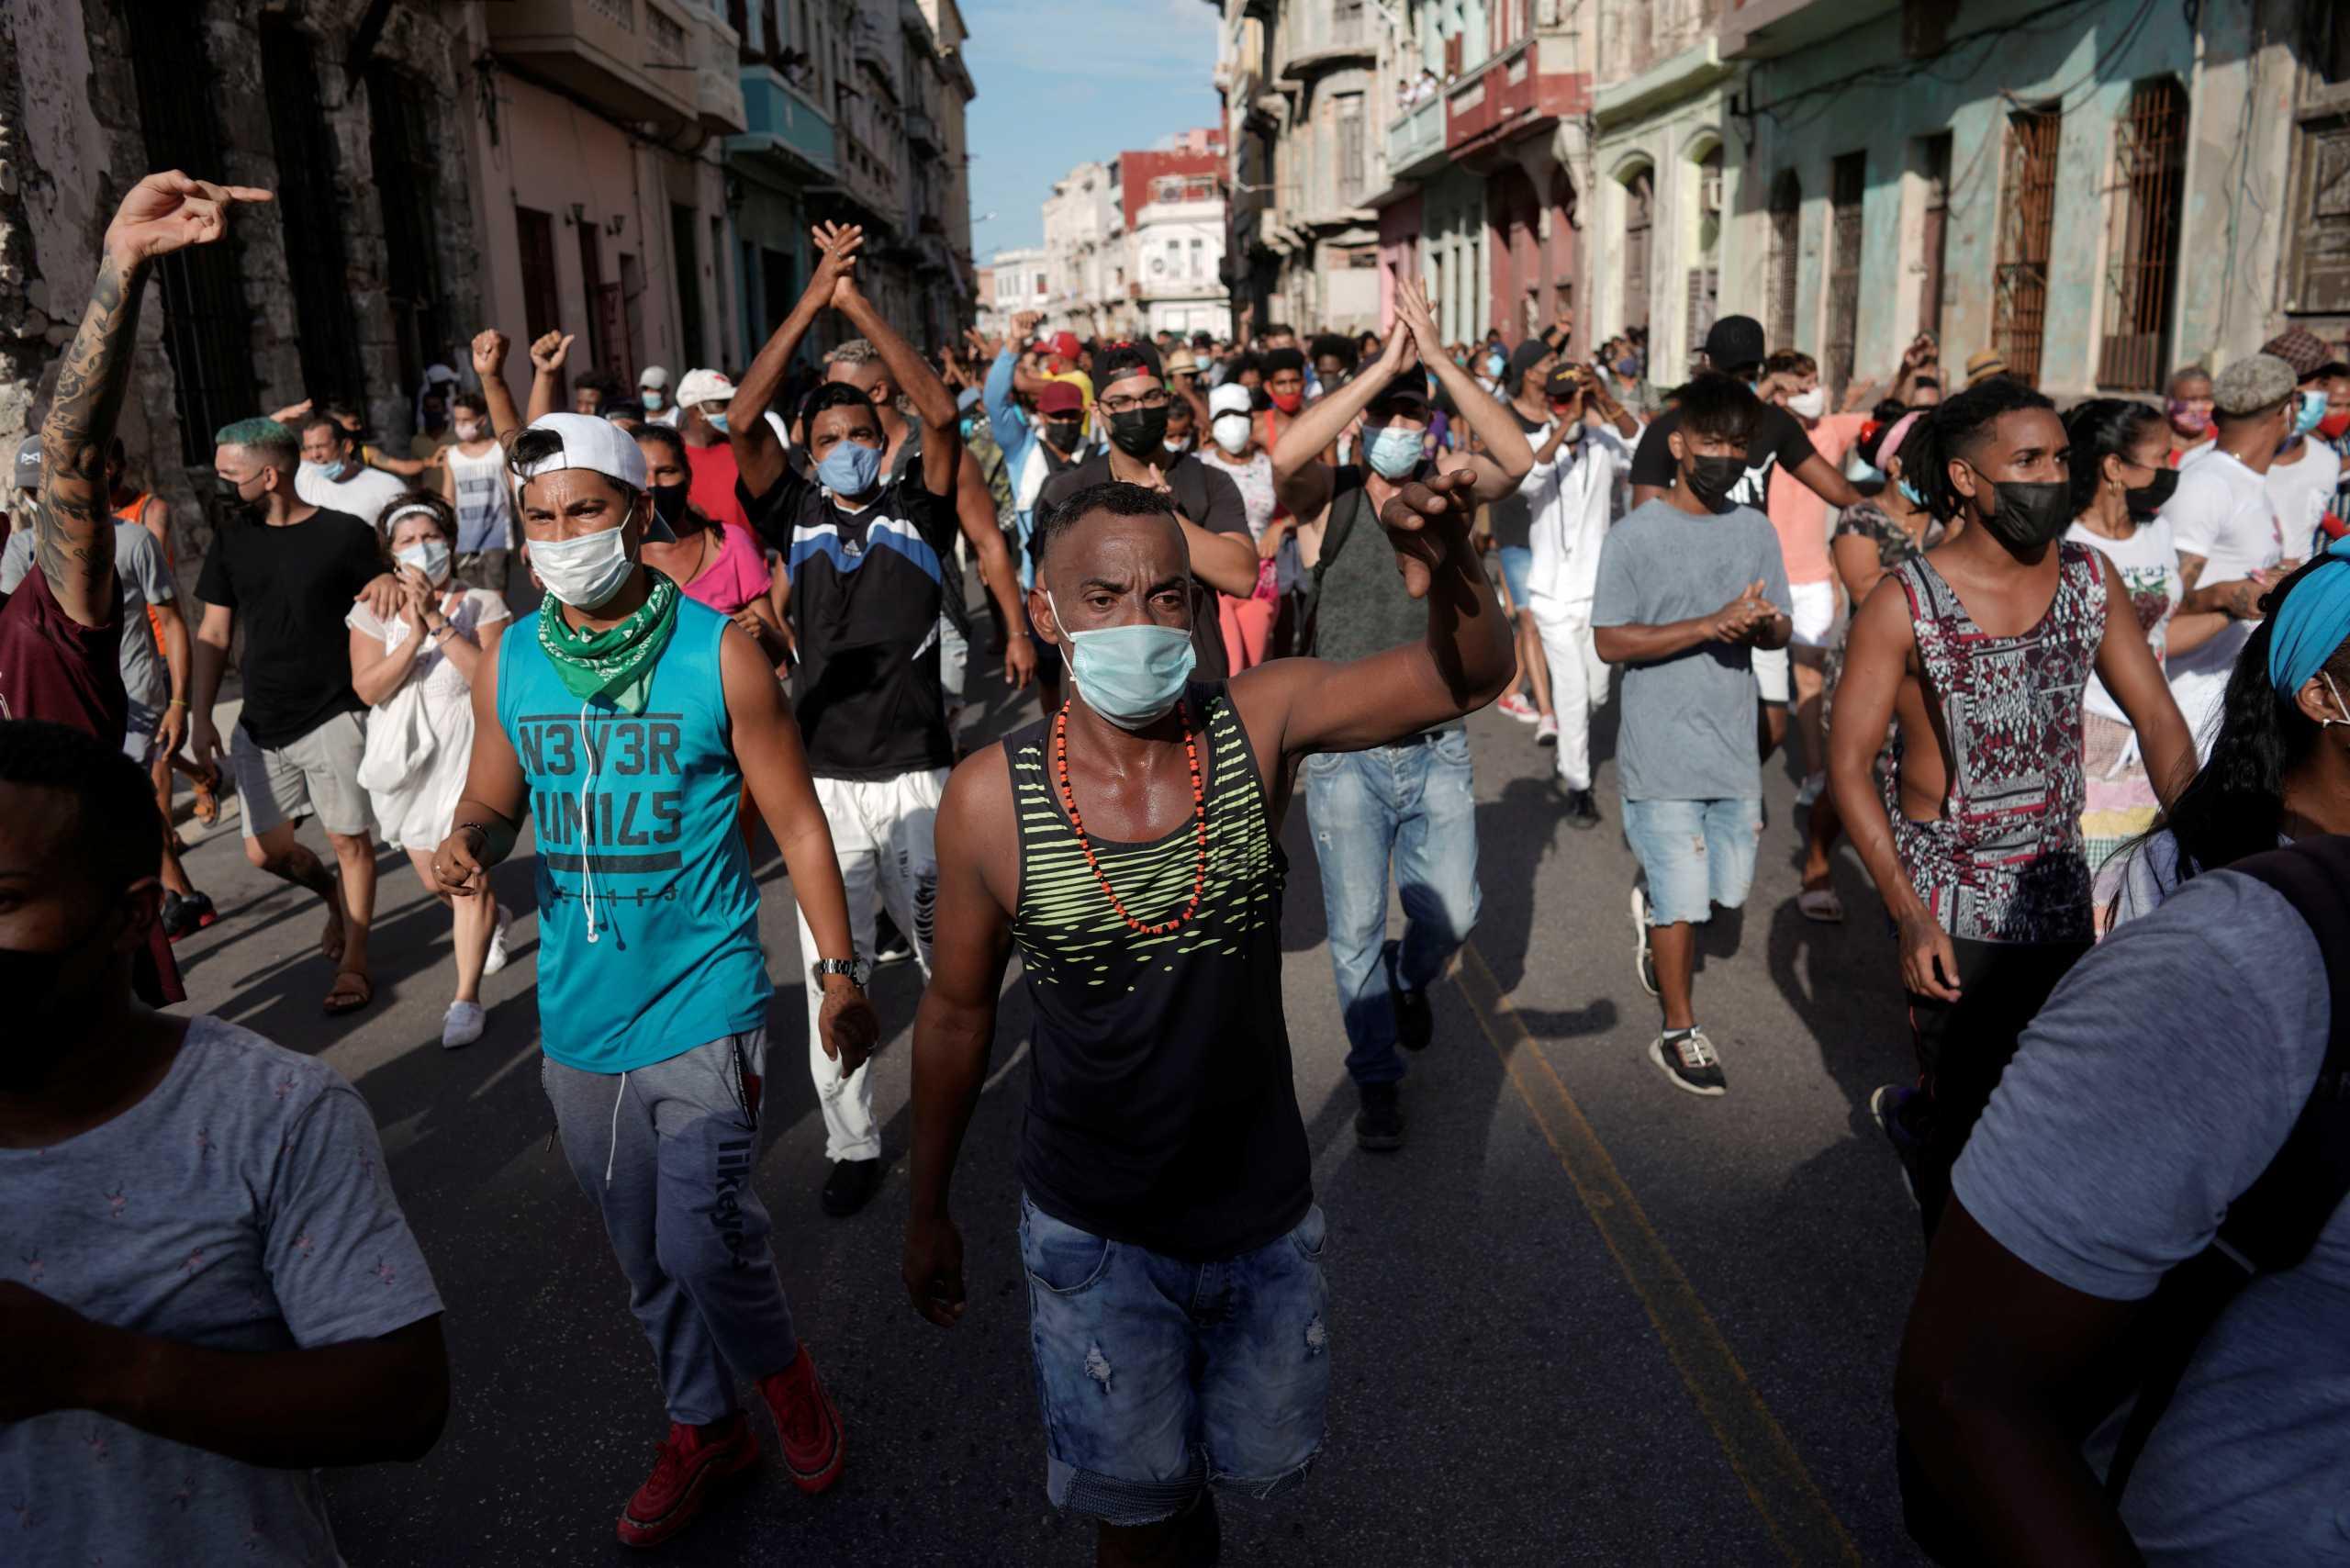 Κούβα: Αντικυβερνητικές διαδηλώσεις και… αντιδιαδηλώσεις σε όλη τη χώρα – Νέο ρεκόρ κρουσμάτων